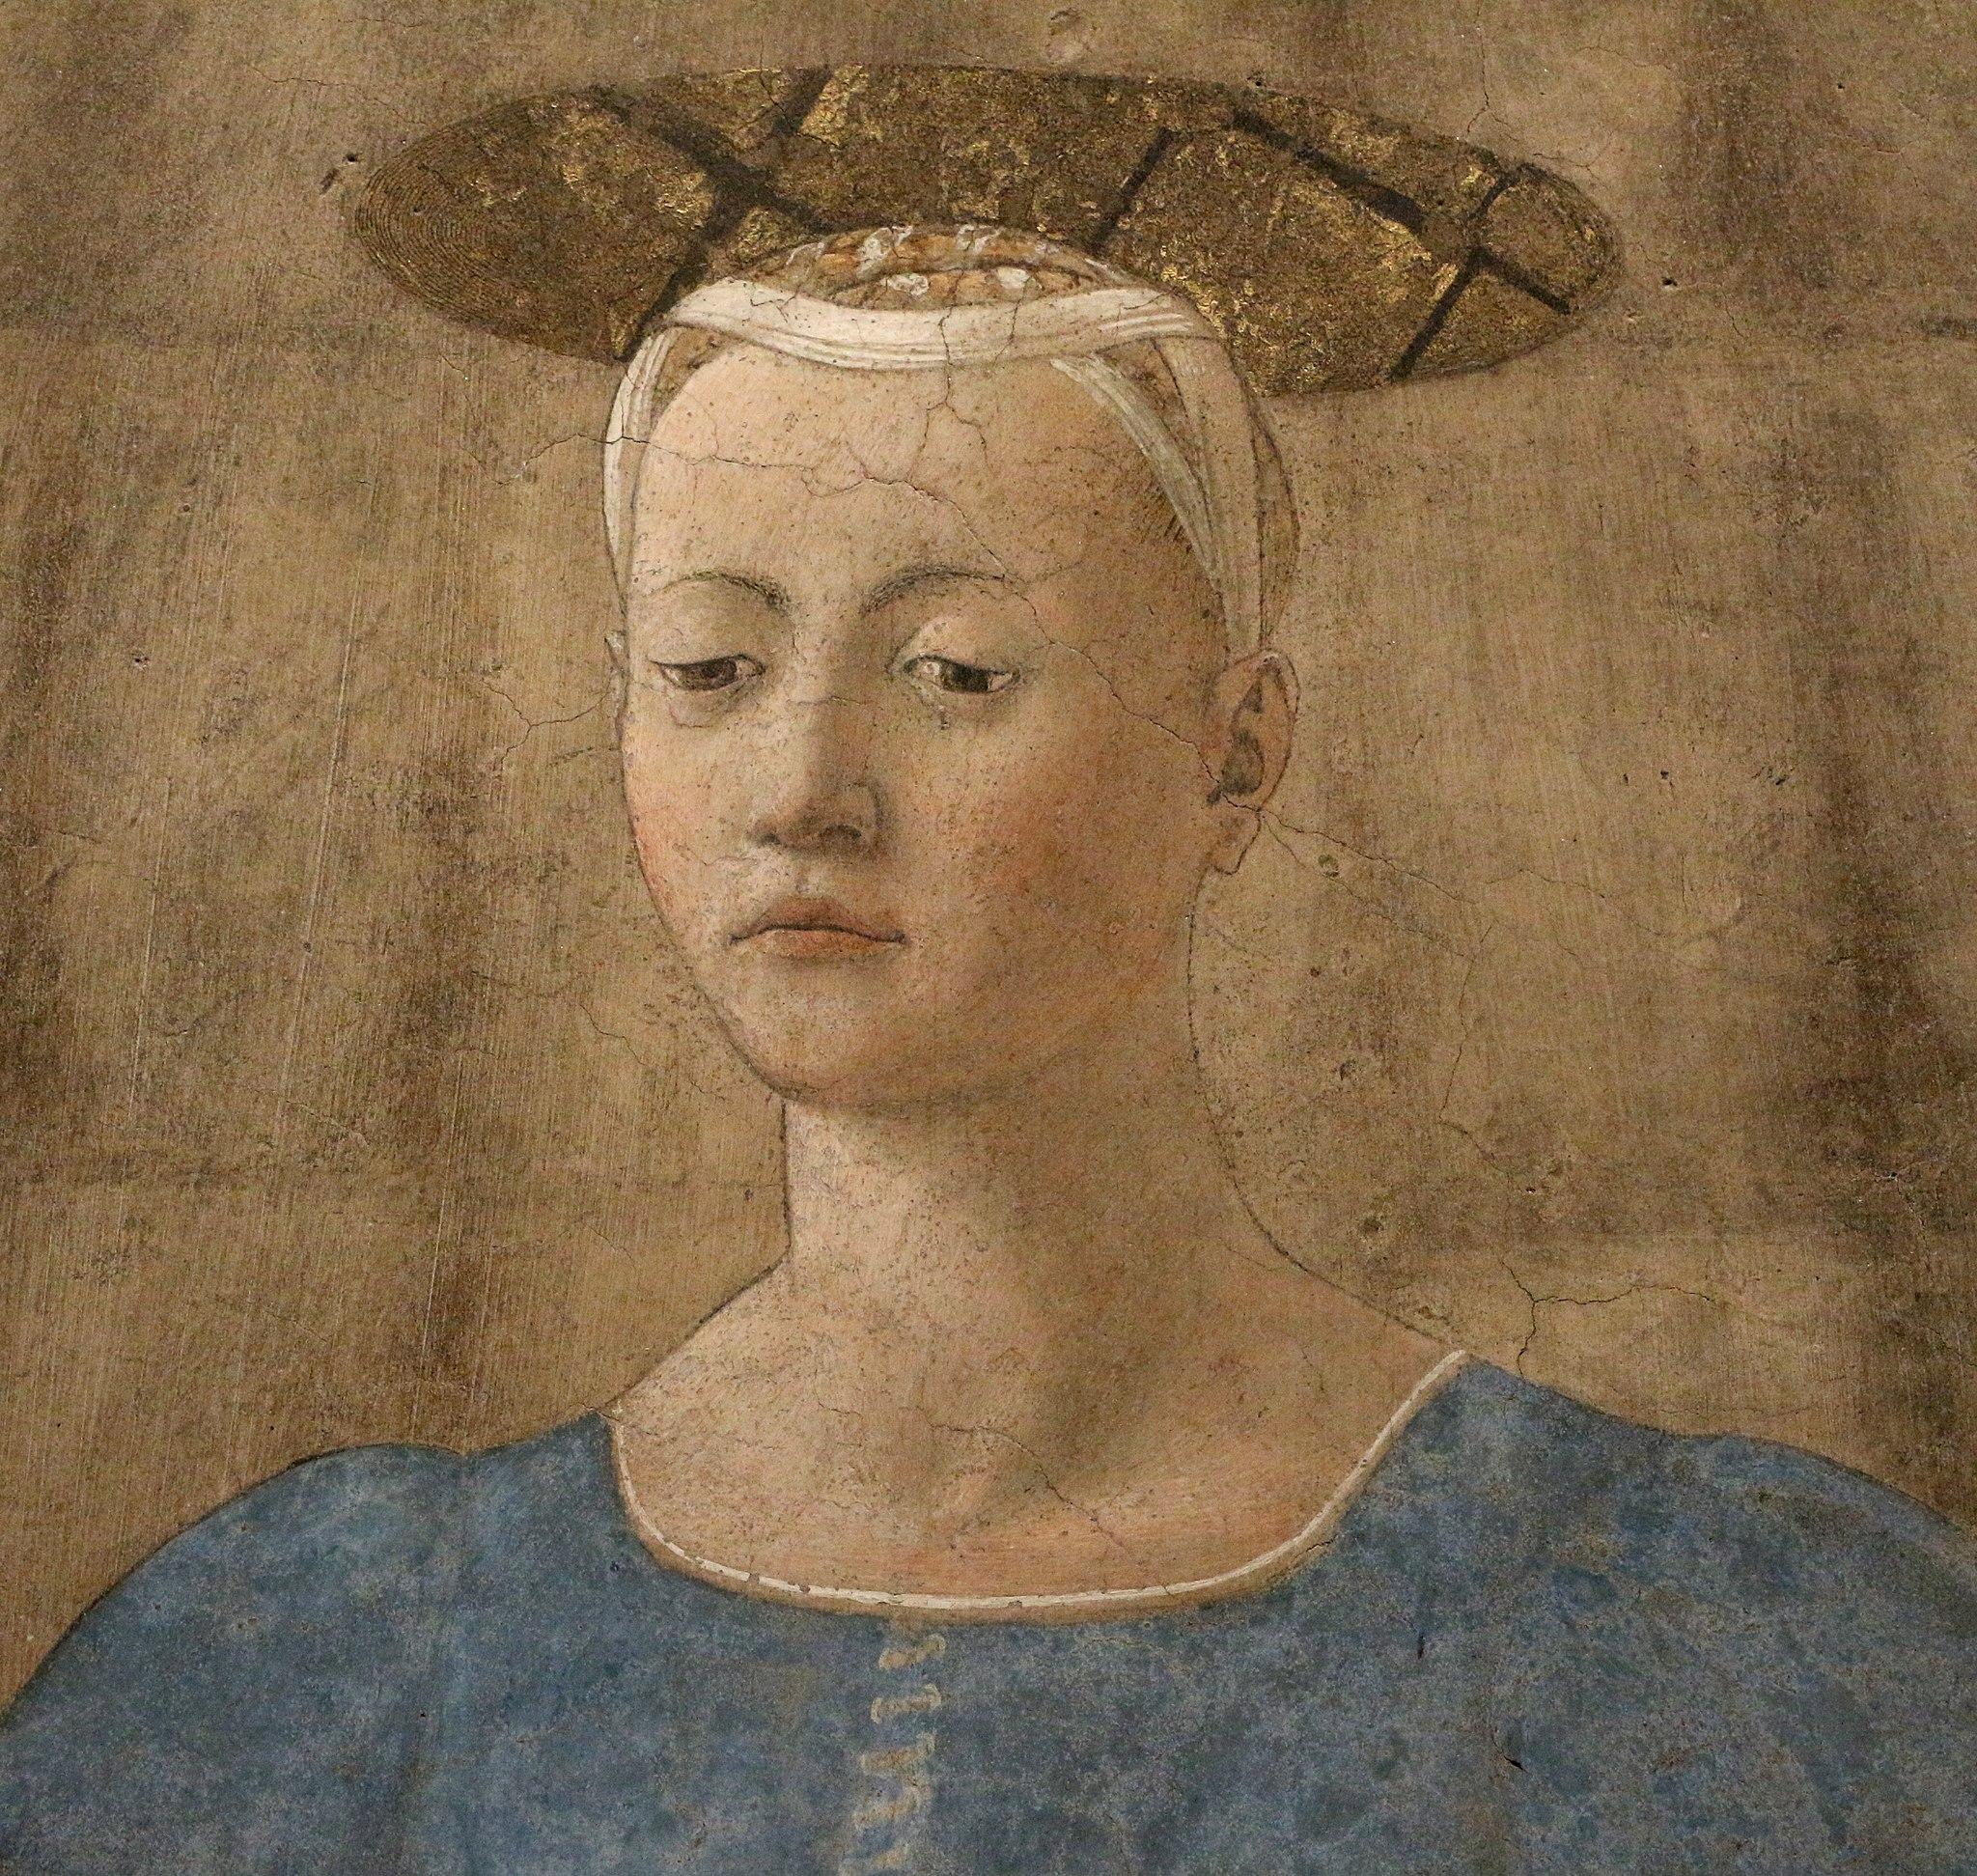 Piero della francesca, Madonna del Parto, 1455 ca. 10